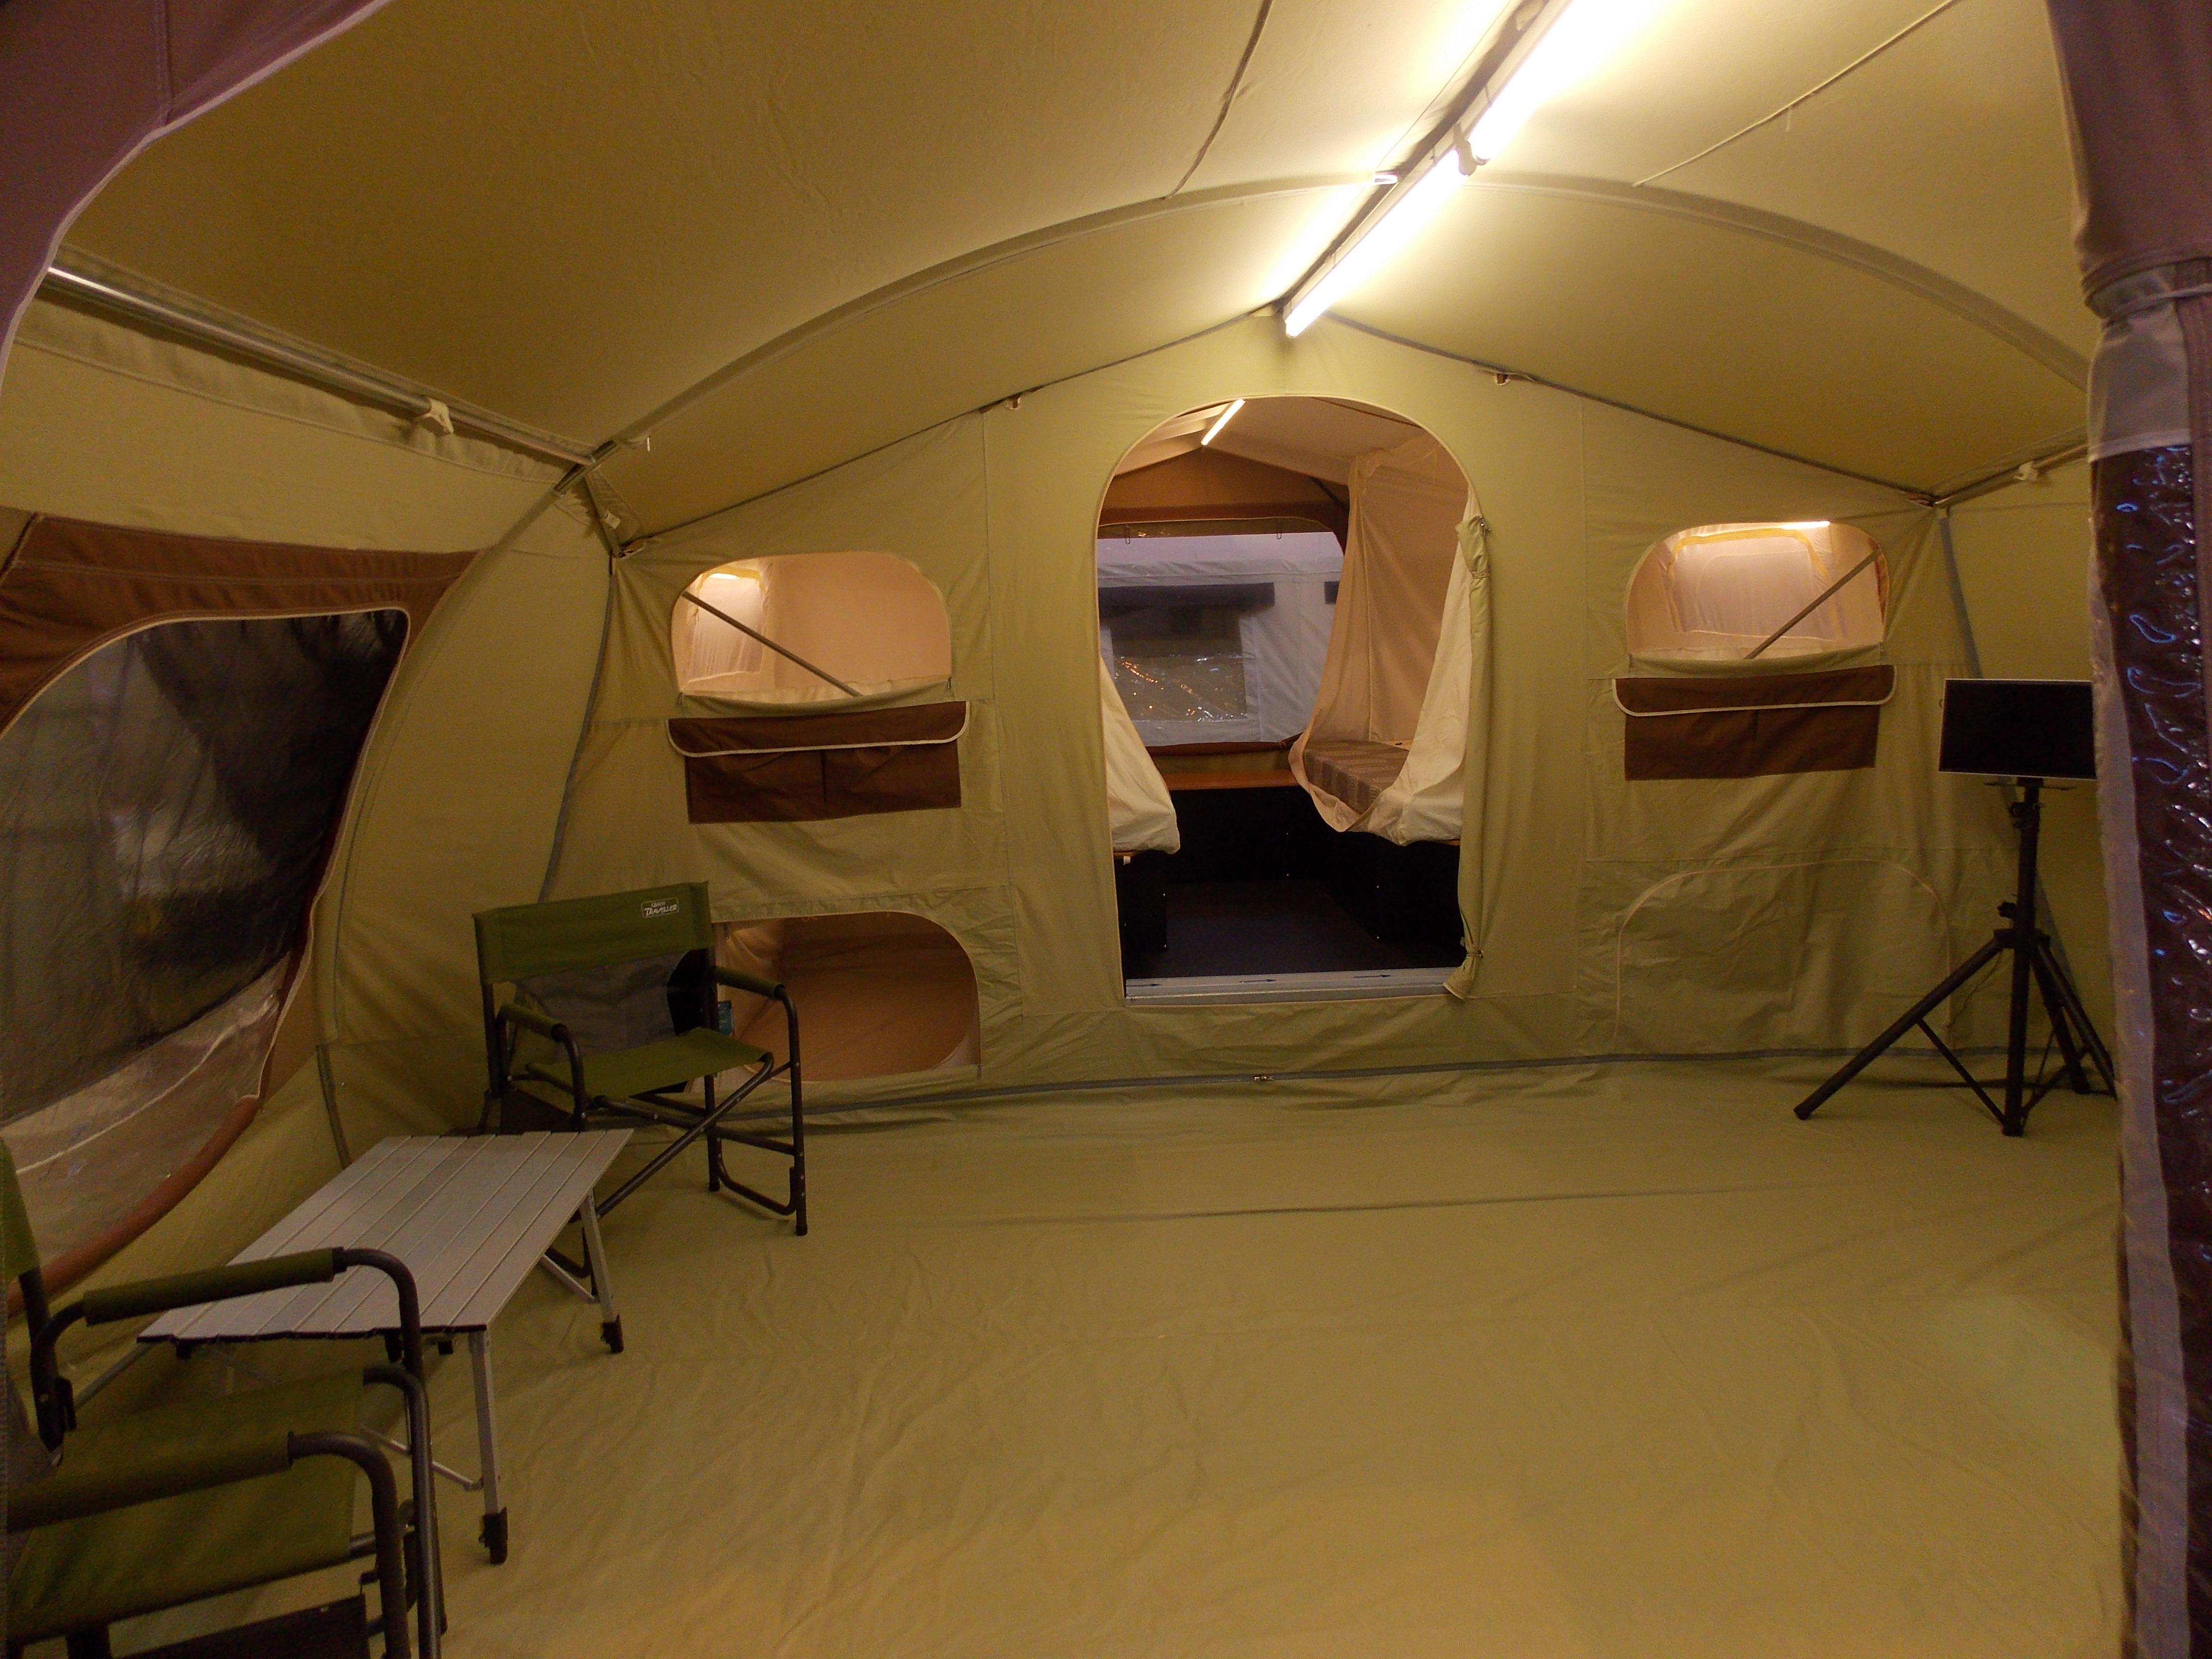 Caravan Camping Amp Motorhome Show 2015 Folding Camper